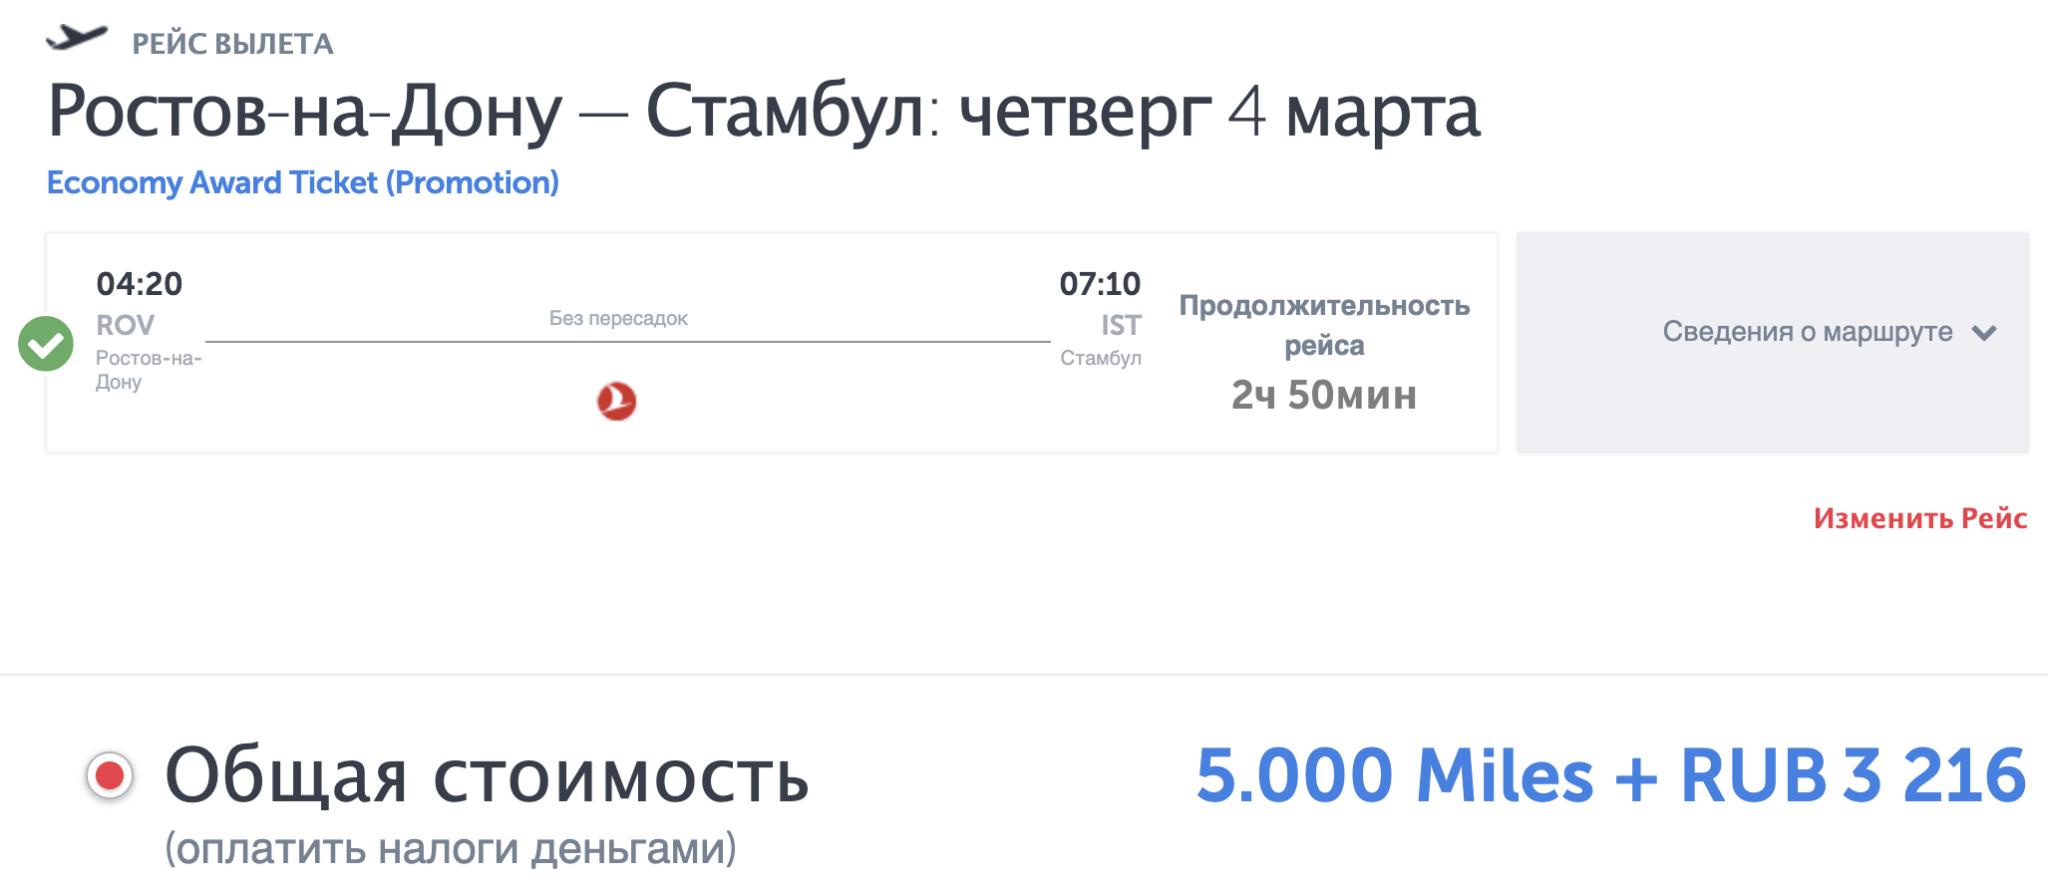 Мильная распродажа Turkish Airlines: перелеты из России в Турцию от 5000 миль в одну сторону